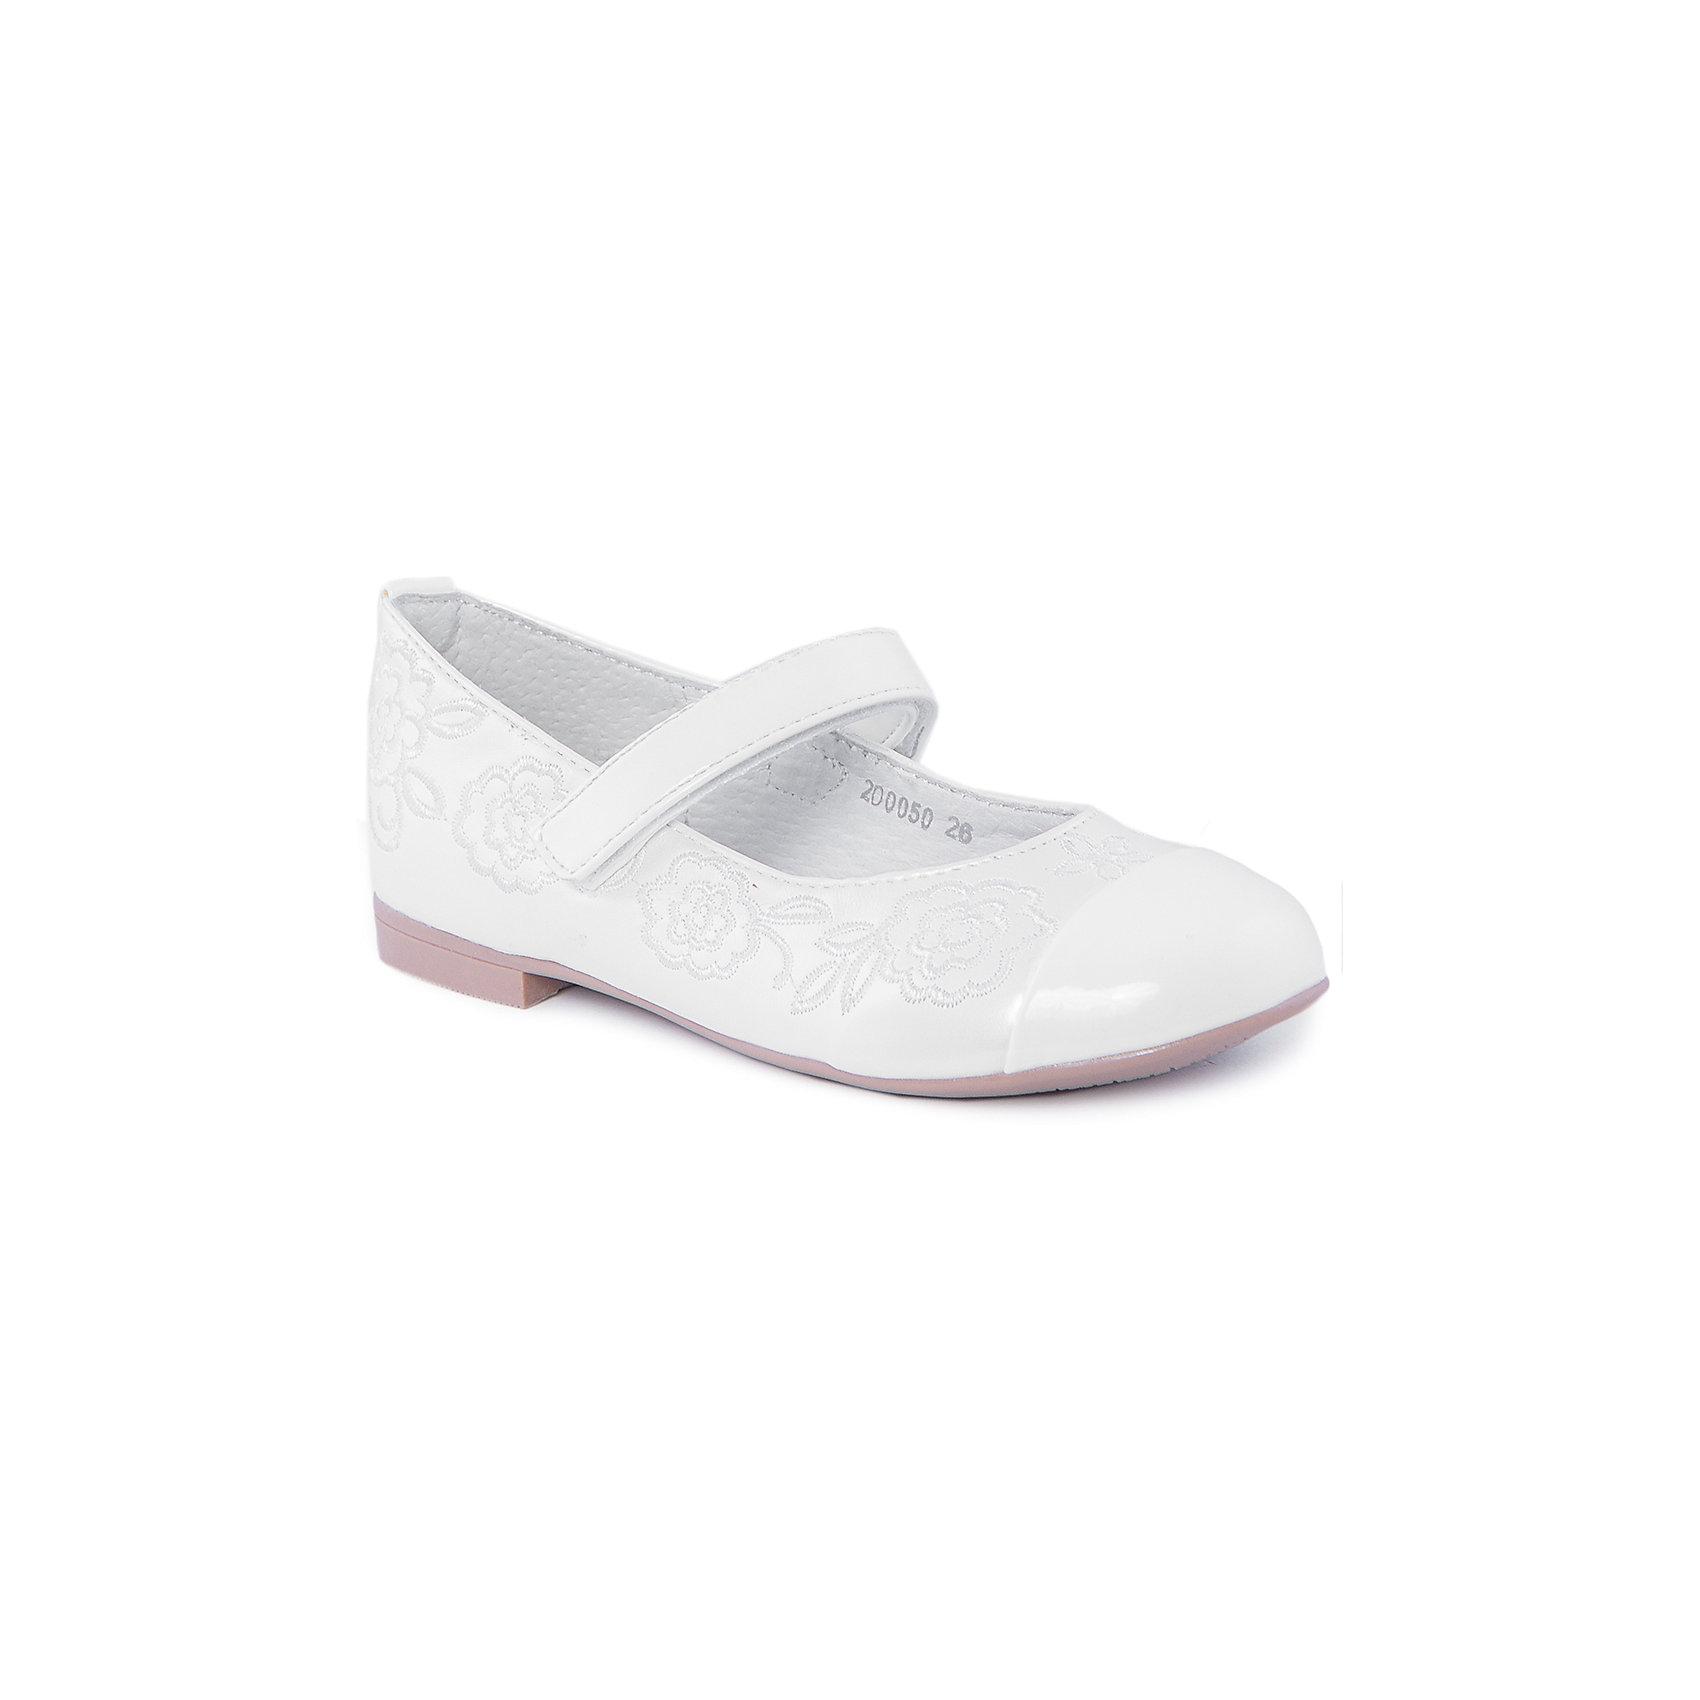 Туфли для девочки MURSUТуфли для девочки от известного бренда MURSU обязательно понравятся всем юным модницам. Белые  туфельки декорированы изящной вышивкой, застегиваются на липучку. Модель имеет небольшой каблук, стелька и подкладка выполнены из натуральной кожи, что обеспечивает гигиеничность и комфорт. <br><br>Дополнительная информация:<br><br>- Цвет: белый.<br>- Тип застежки: липучка.<br>- Декоративные элементы: вышивка.<br><br>Состав:<br><br>- Материал верха: искусственная кожа.<br>- Материал подкладки: натуральная кожа.<br>- Материал подошвы: TEP.<br>- Материал стельки: натуральная кожа.<br><br>Туфли для девочки MURSU (Мурсу), можно купить в нашем магазине.<br><br>Ширина мм: 227<br>Глубина мм: 145<br>Высота мм: 124<br>Вес г: 325<br>Цвет: белый<br>Возраст от месяцев: 36<br>Возраст до месяцев: 48<br>Пол: Женский<br>Возраст: Детский<br>Размер: 31,30,28,26,29,27<br>SKU: 4213370